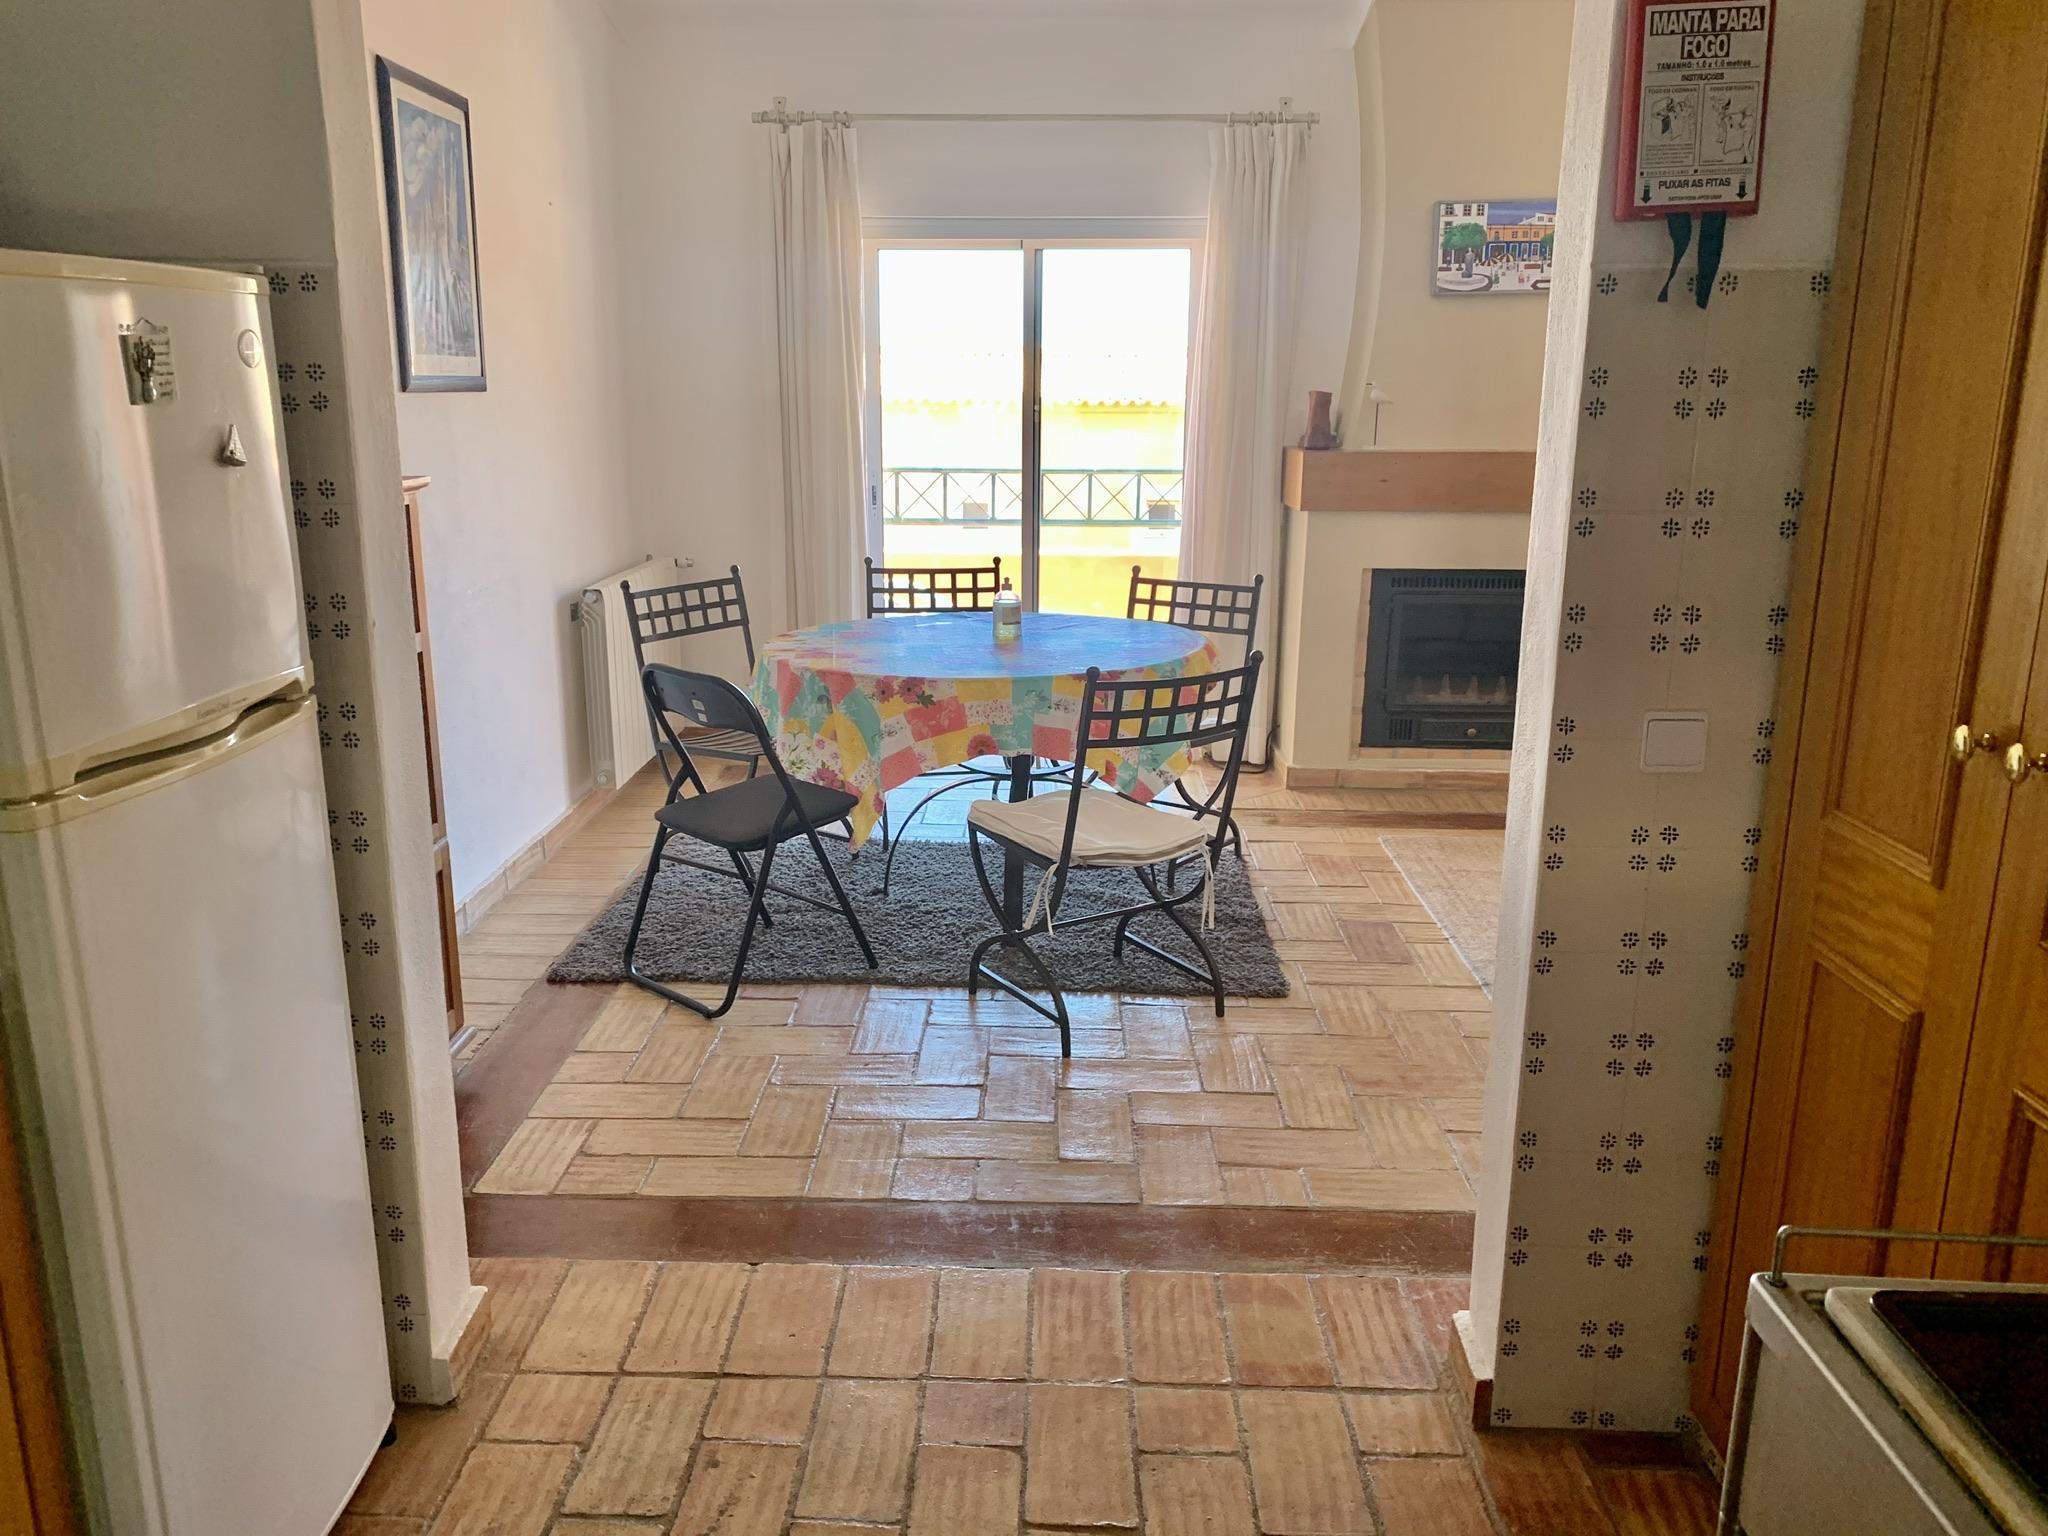 Location appartements et villas de vacance, Maison de vacances praia da Luz face à la mer à Lagos, Portugal Algarve, REF_IMG_2627_17927